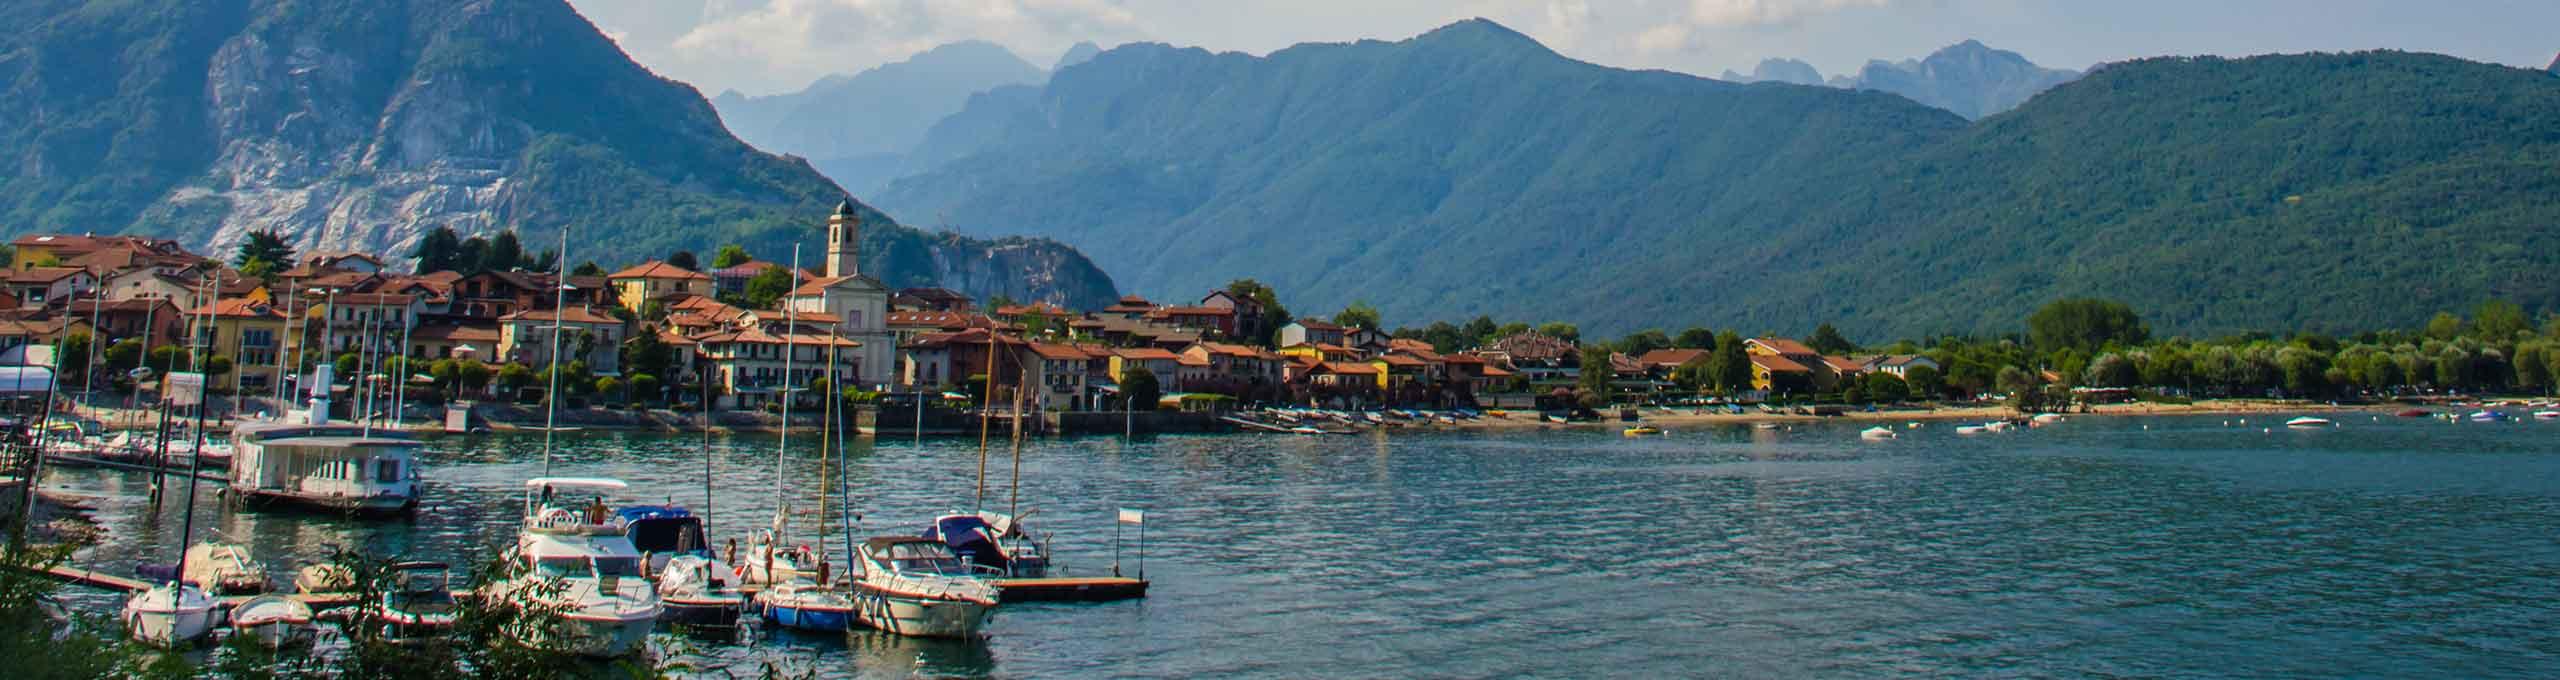 Gravellona Toce, Lago Maggiore